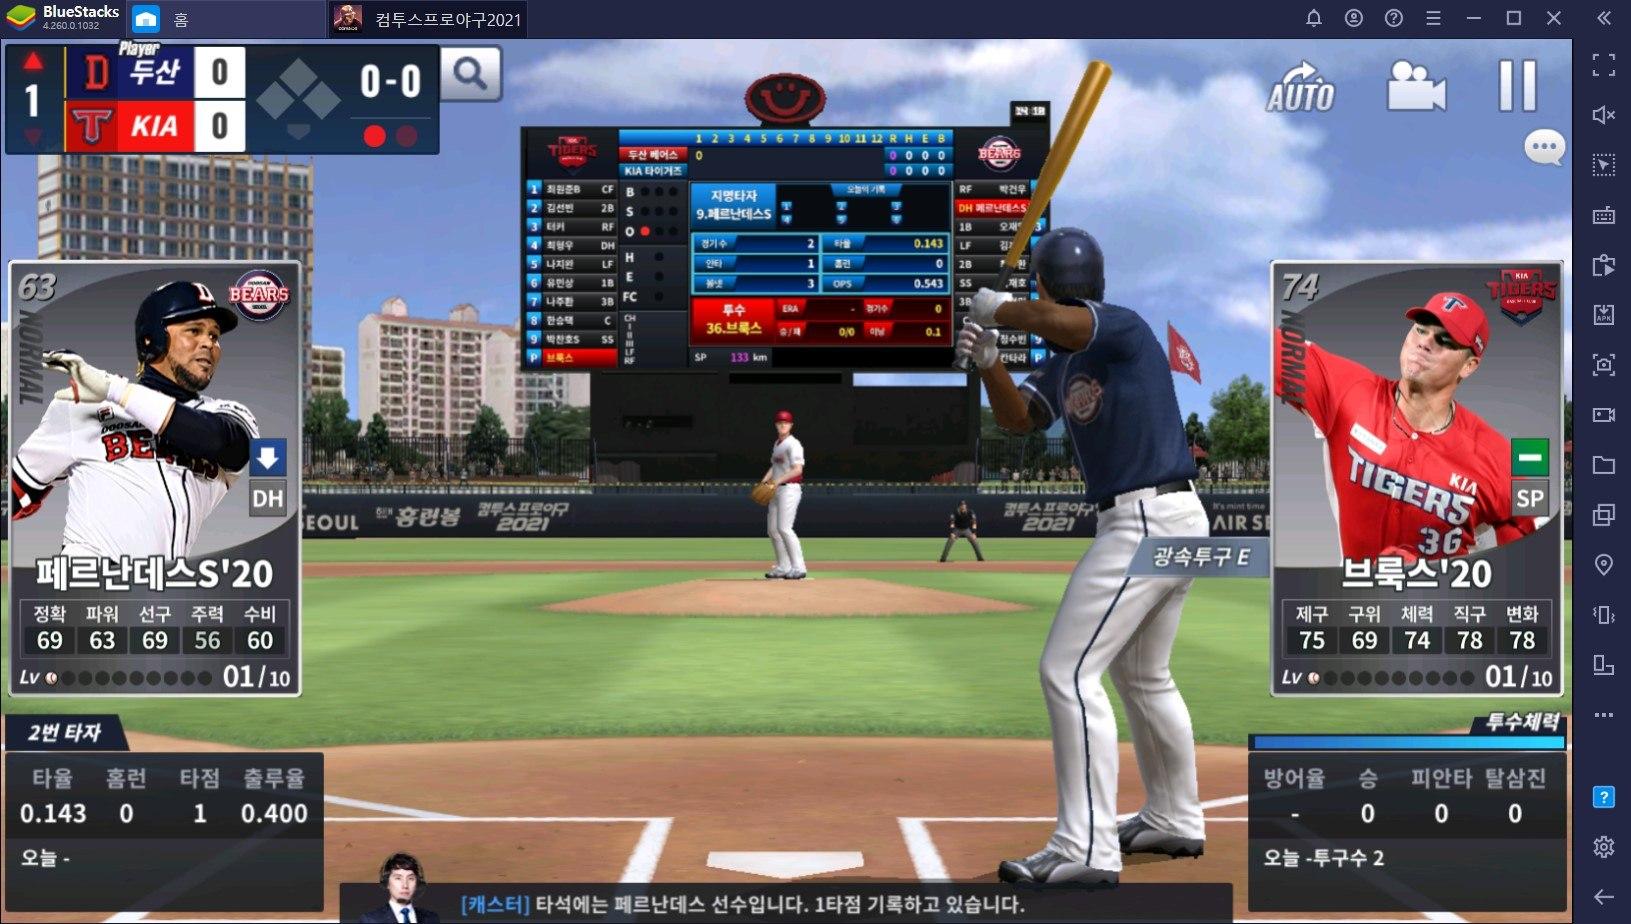 컴투스프로야구2021 업데이트 사전예약 실시, 가장 사실적인 야구 게임을 PC에서 즐겨봐요!